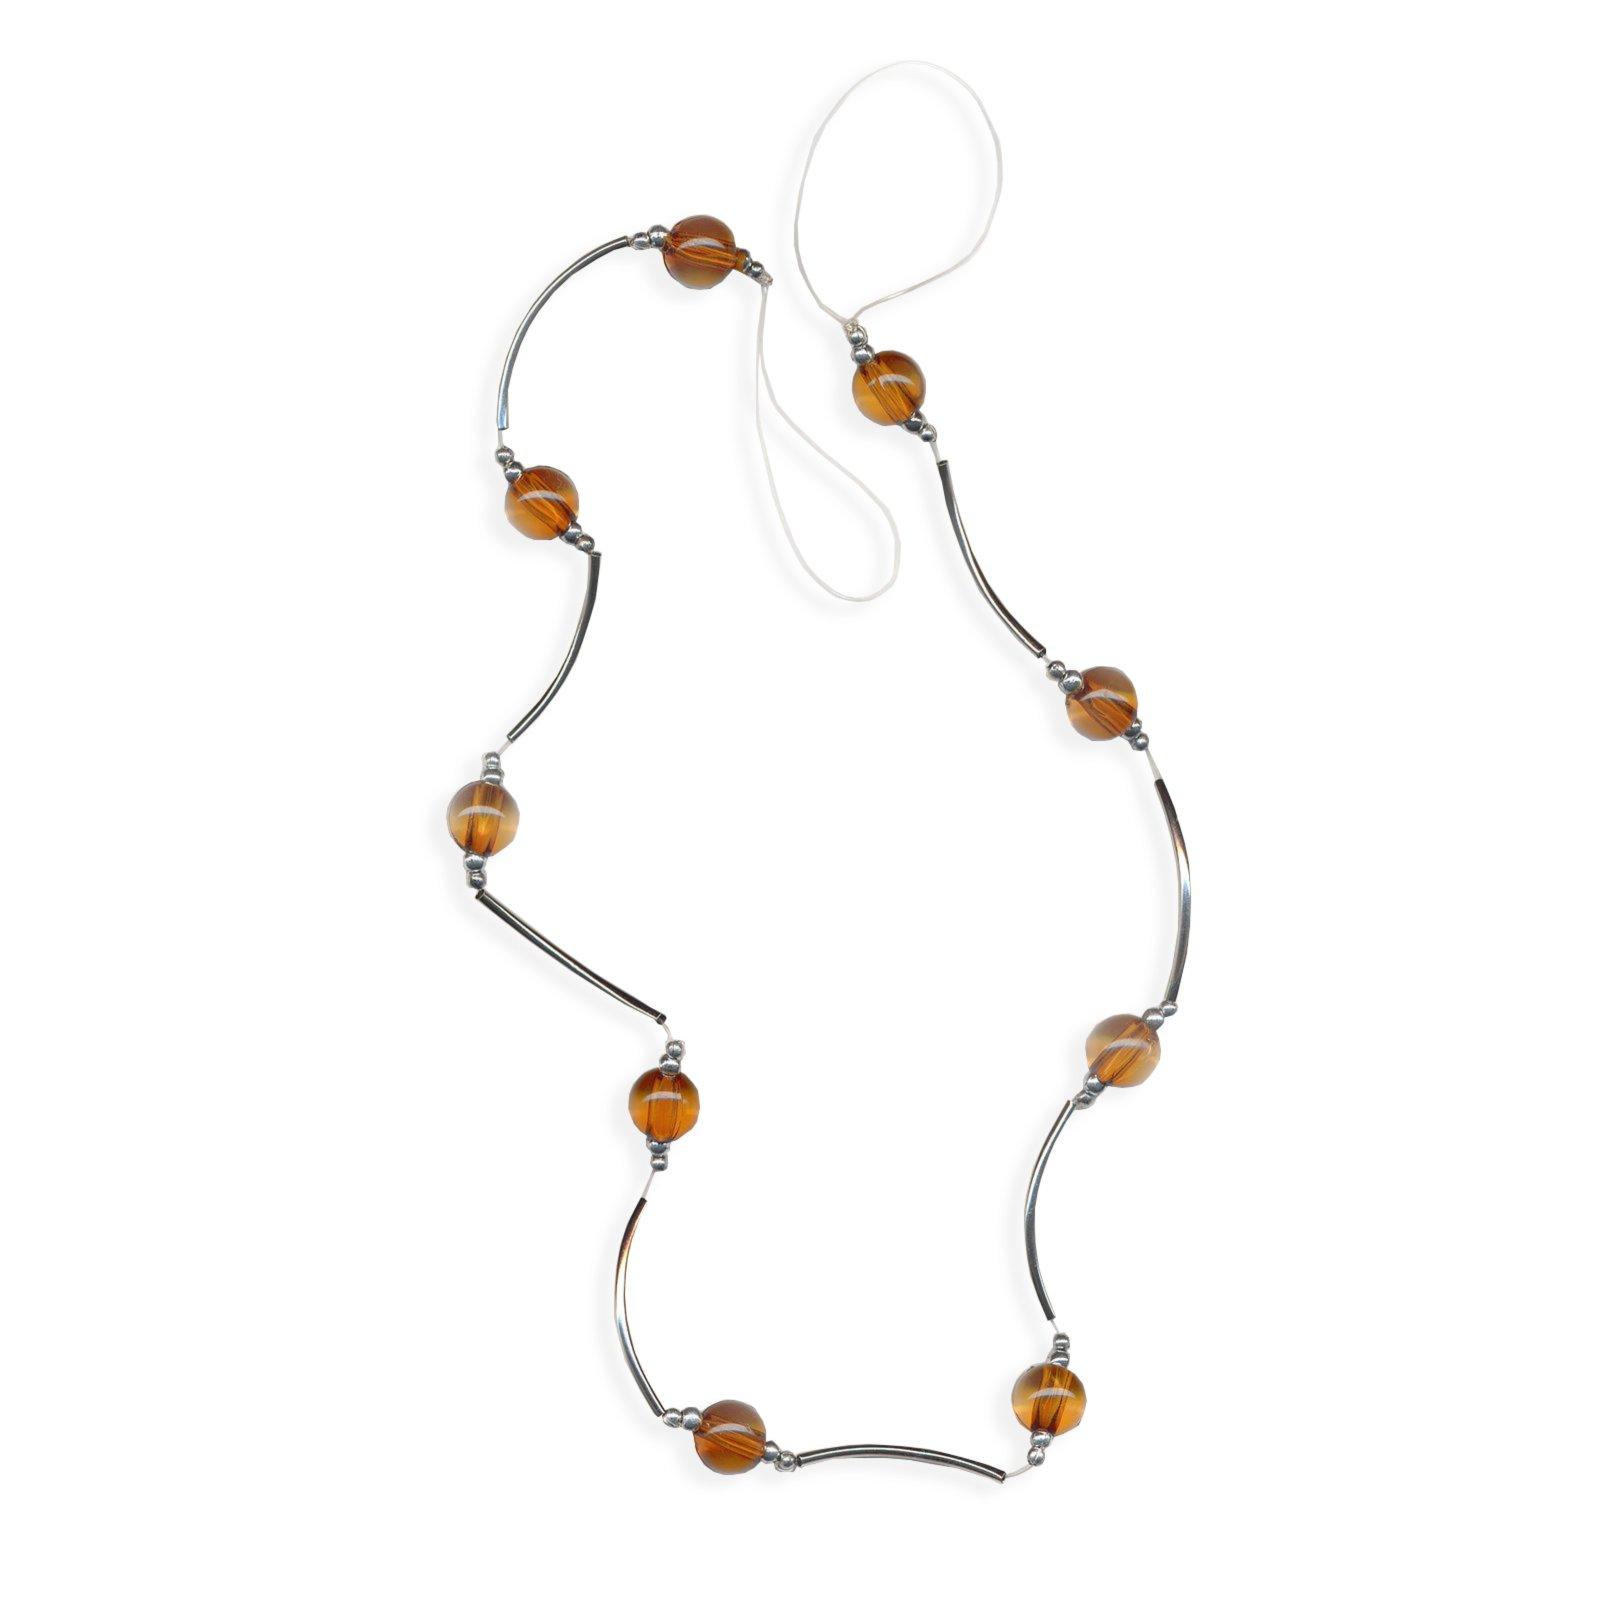 raffhalter mit perlen silber gold 65 cm gardinenstangen gardinen zubeh r gardinen. Black Bedroom Furniture Sets. Home Design Ideas